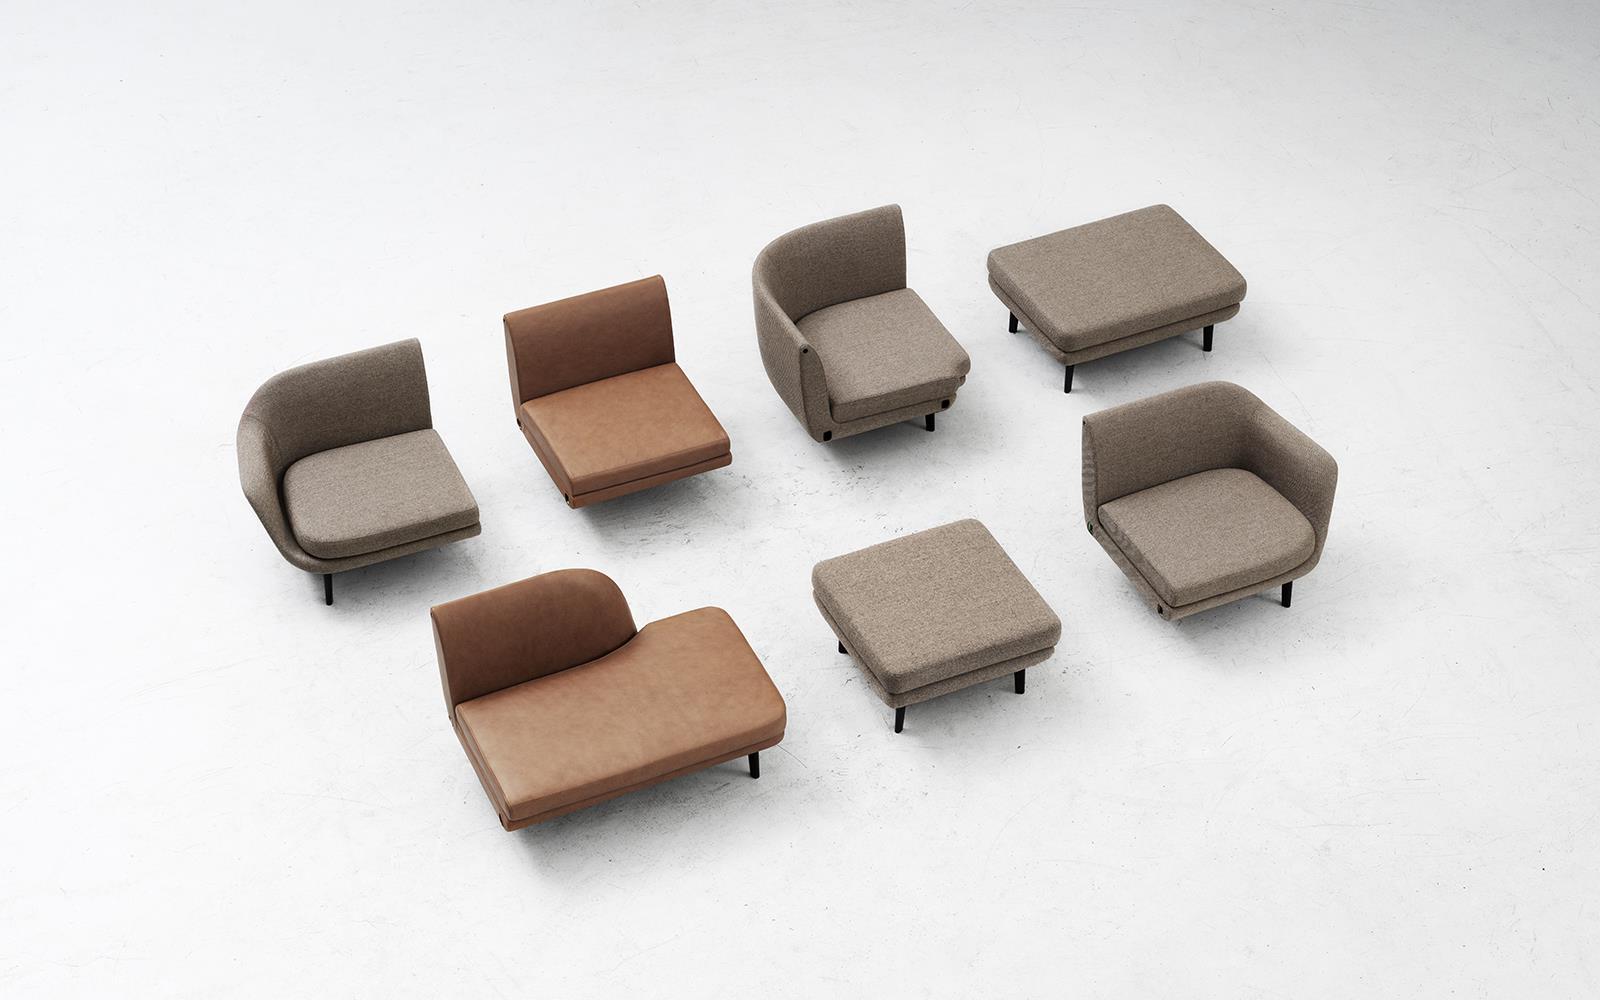 Sofa Modular Etdg Sum Modular sofa 4 Seater Corner Black Aluminum Main Line Flax